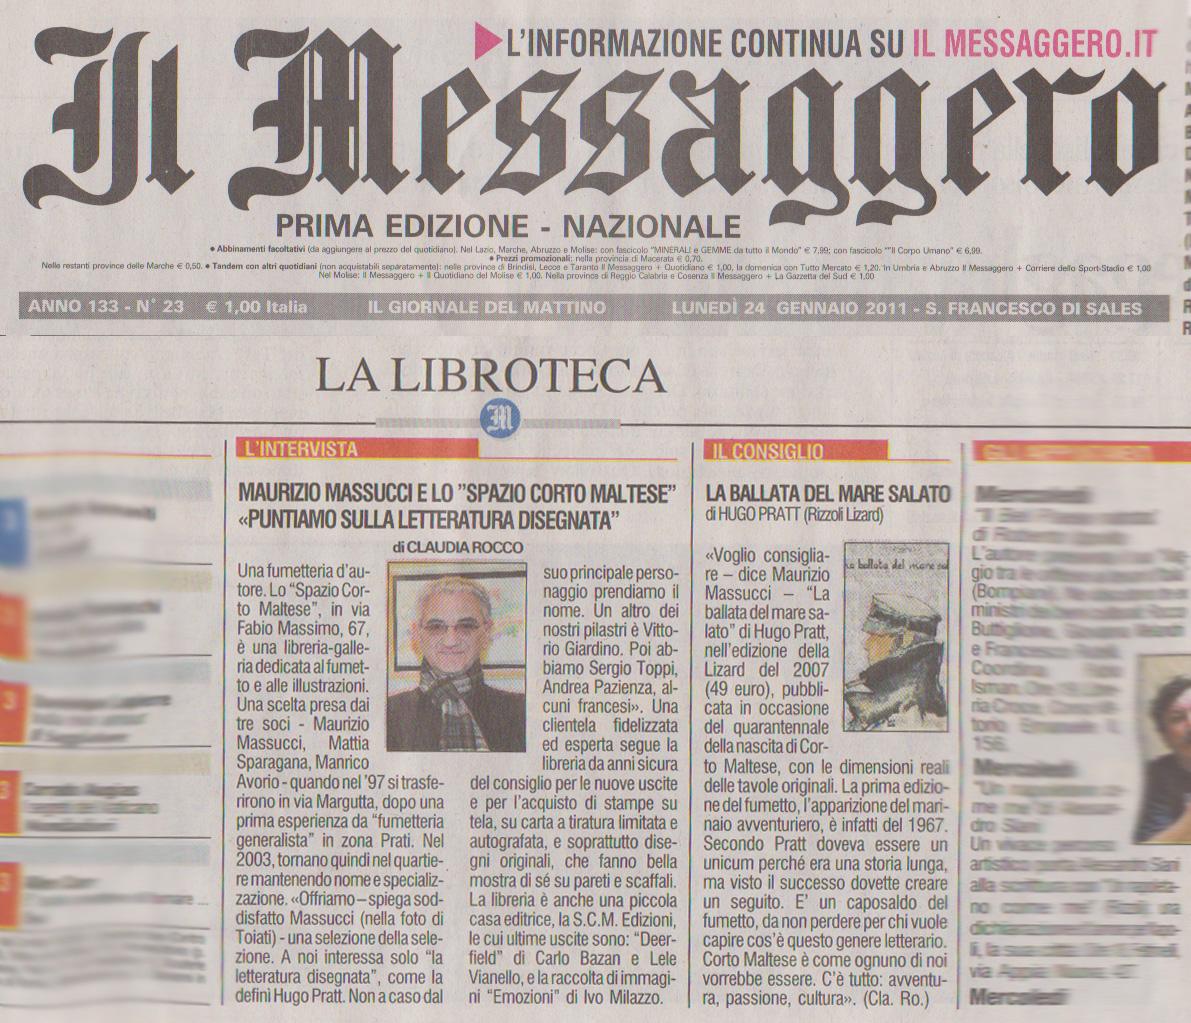 Il Messaggero - 24 Gennaio 2011